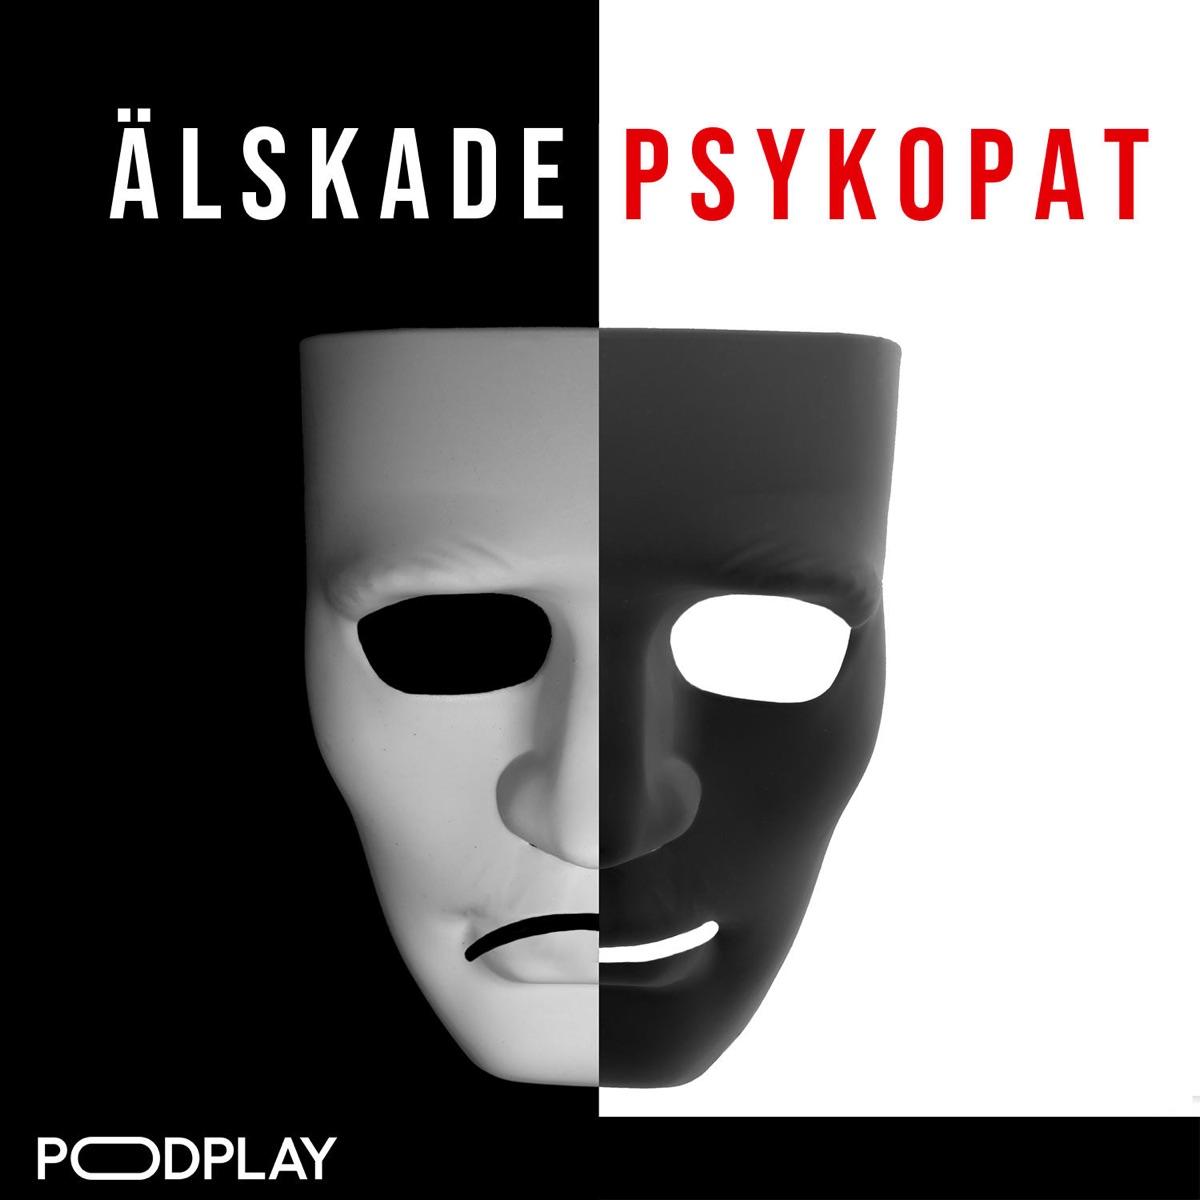 Premiär för Älskade Psykopat!